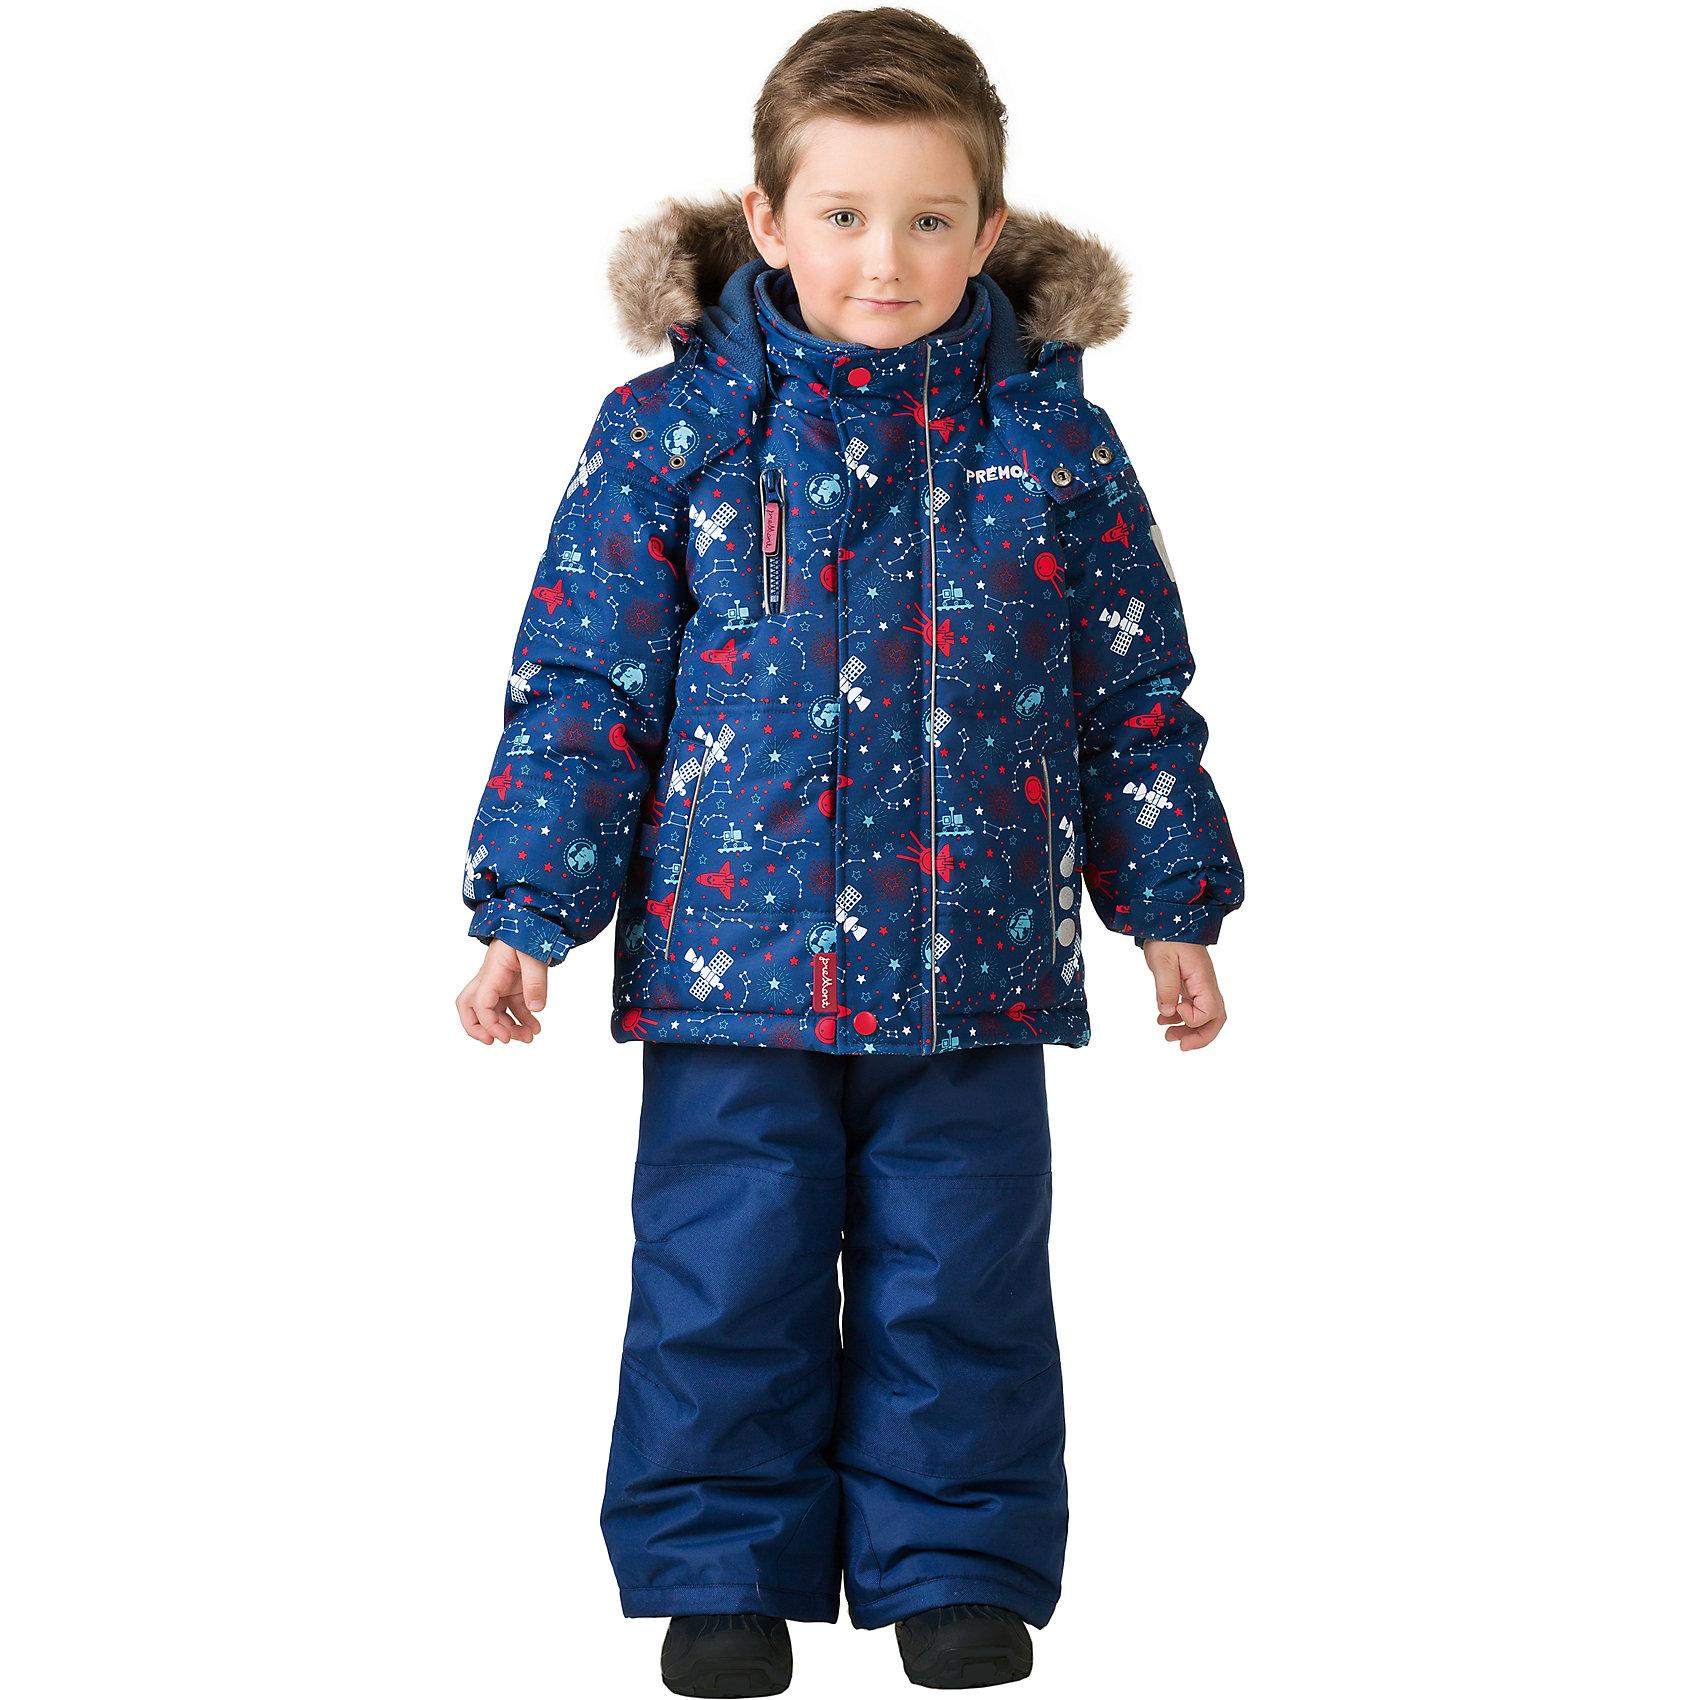 Комплект: куртка и брюки Premont для мальчикаВерхняя одежда<br>Характеристики товара:<br><br>• цвет: синий<br>• комплектация: куртка и брюки<br>• состав ткани: Taslan<br>• подкладка: Polar fleece, Taffeta<br>• утеплитель: Tech-polyfill<br>• сезон: зима<br>• мембранное покрытие<br>• температурный режим: от -30 до +5<br>• водонепроницаемость: 5000 мм <br>• паропроницаемость: 5000 г/м2<br>• плотность утеплителя: куртка - 280 г/м2, брюки - 180 г/м2<br>• капюшон: съемный<br>• искусственный мех на капюшоне отстегивается<br>• застежка: молния<br>• страна бренда: Канада<br>• страна изготовитель: Китай<br><br>Такой мембранный комплект для ребенка состоит из куртки с капюшоном и брюк. Детский теплый комплект дополнен эластичными манжетами, светоотражающими элементами, лямками, планкой от ветра и карманами на липучках. Теплый зимний детский комплект сделан с применением мембранной технологии.<br><br>Комплект: куртка и брюки для мальчика Premont (Премонт) можно купить в нашем интернет-магазине.<br><br>Ширина мм: 356<br>Глубина мм: 10<br>Высота мм: 245<br>Вес г: 519<br>Цвет: синий<br>Возраст от месяцев: 84<br>Возраст до месяцев: 96<br>Пол: Мужской<br>Возраст: Детский<br>Размер: 128,92,98,100,104,110,116,120,122<br>SKU: 7088356